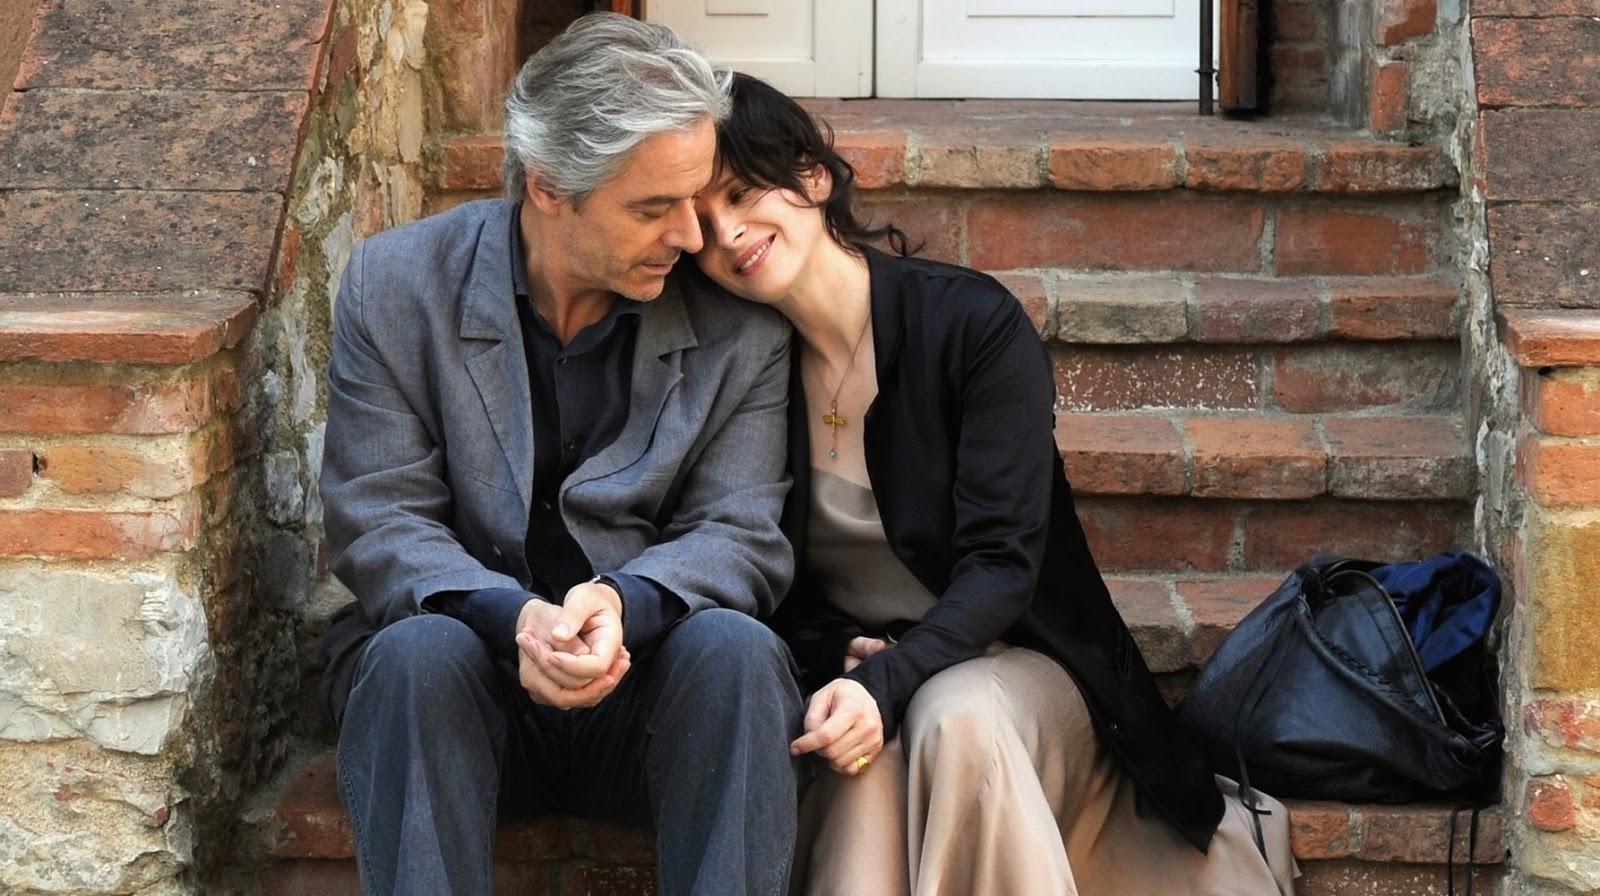 Un hombre y una mujer se abrazan en las escaleras de un pórtico